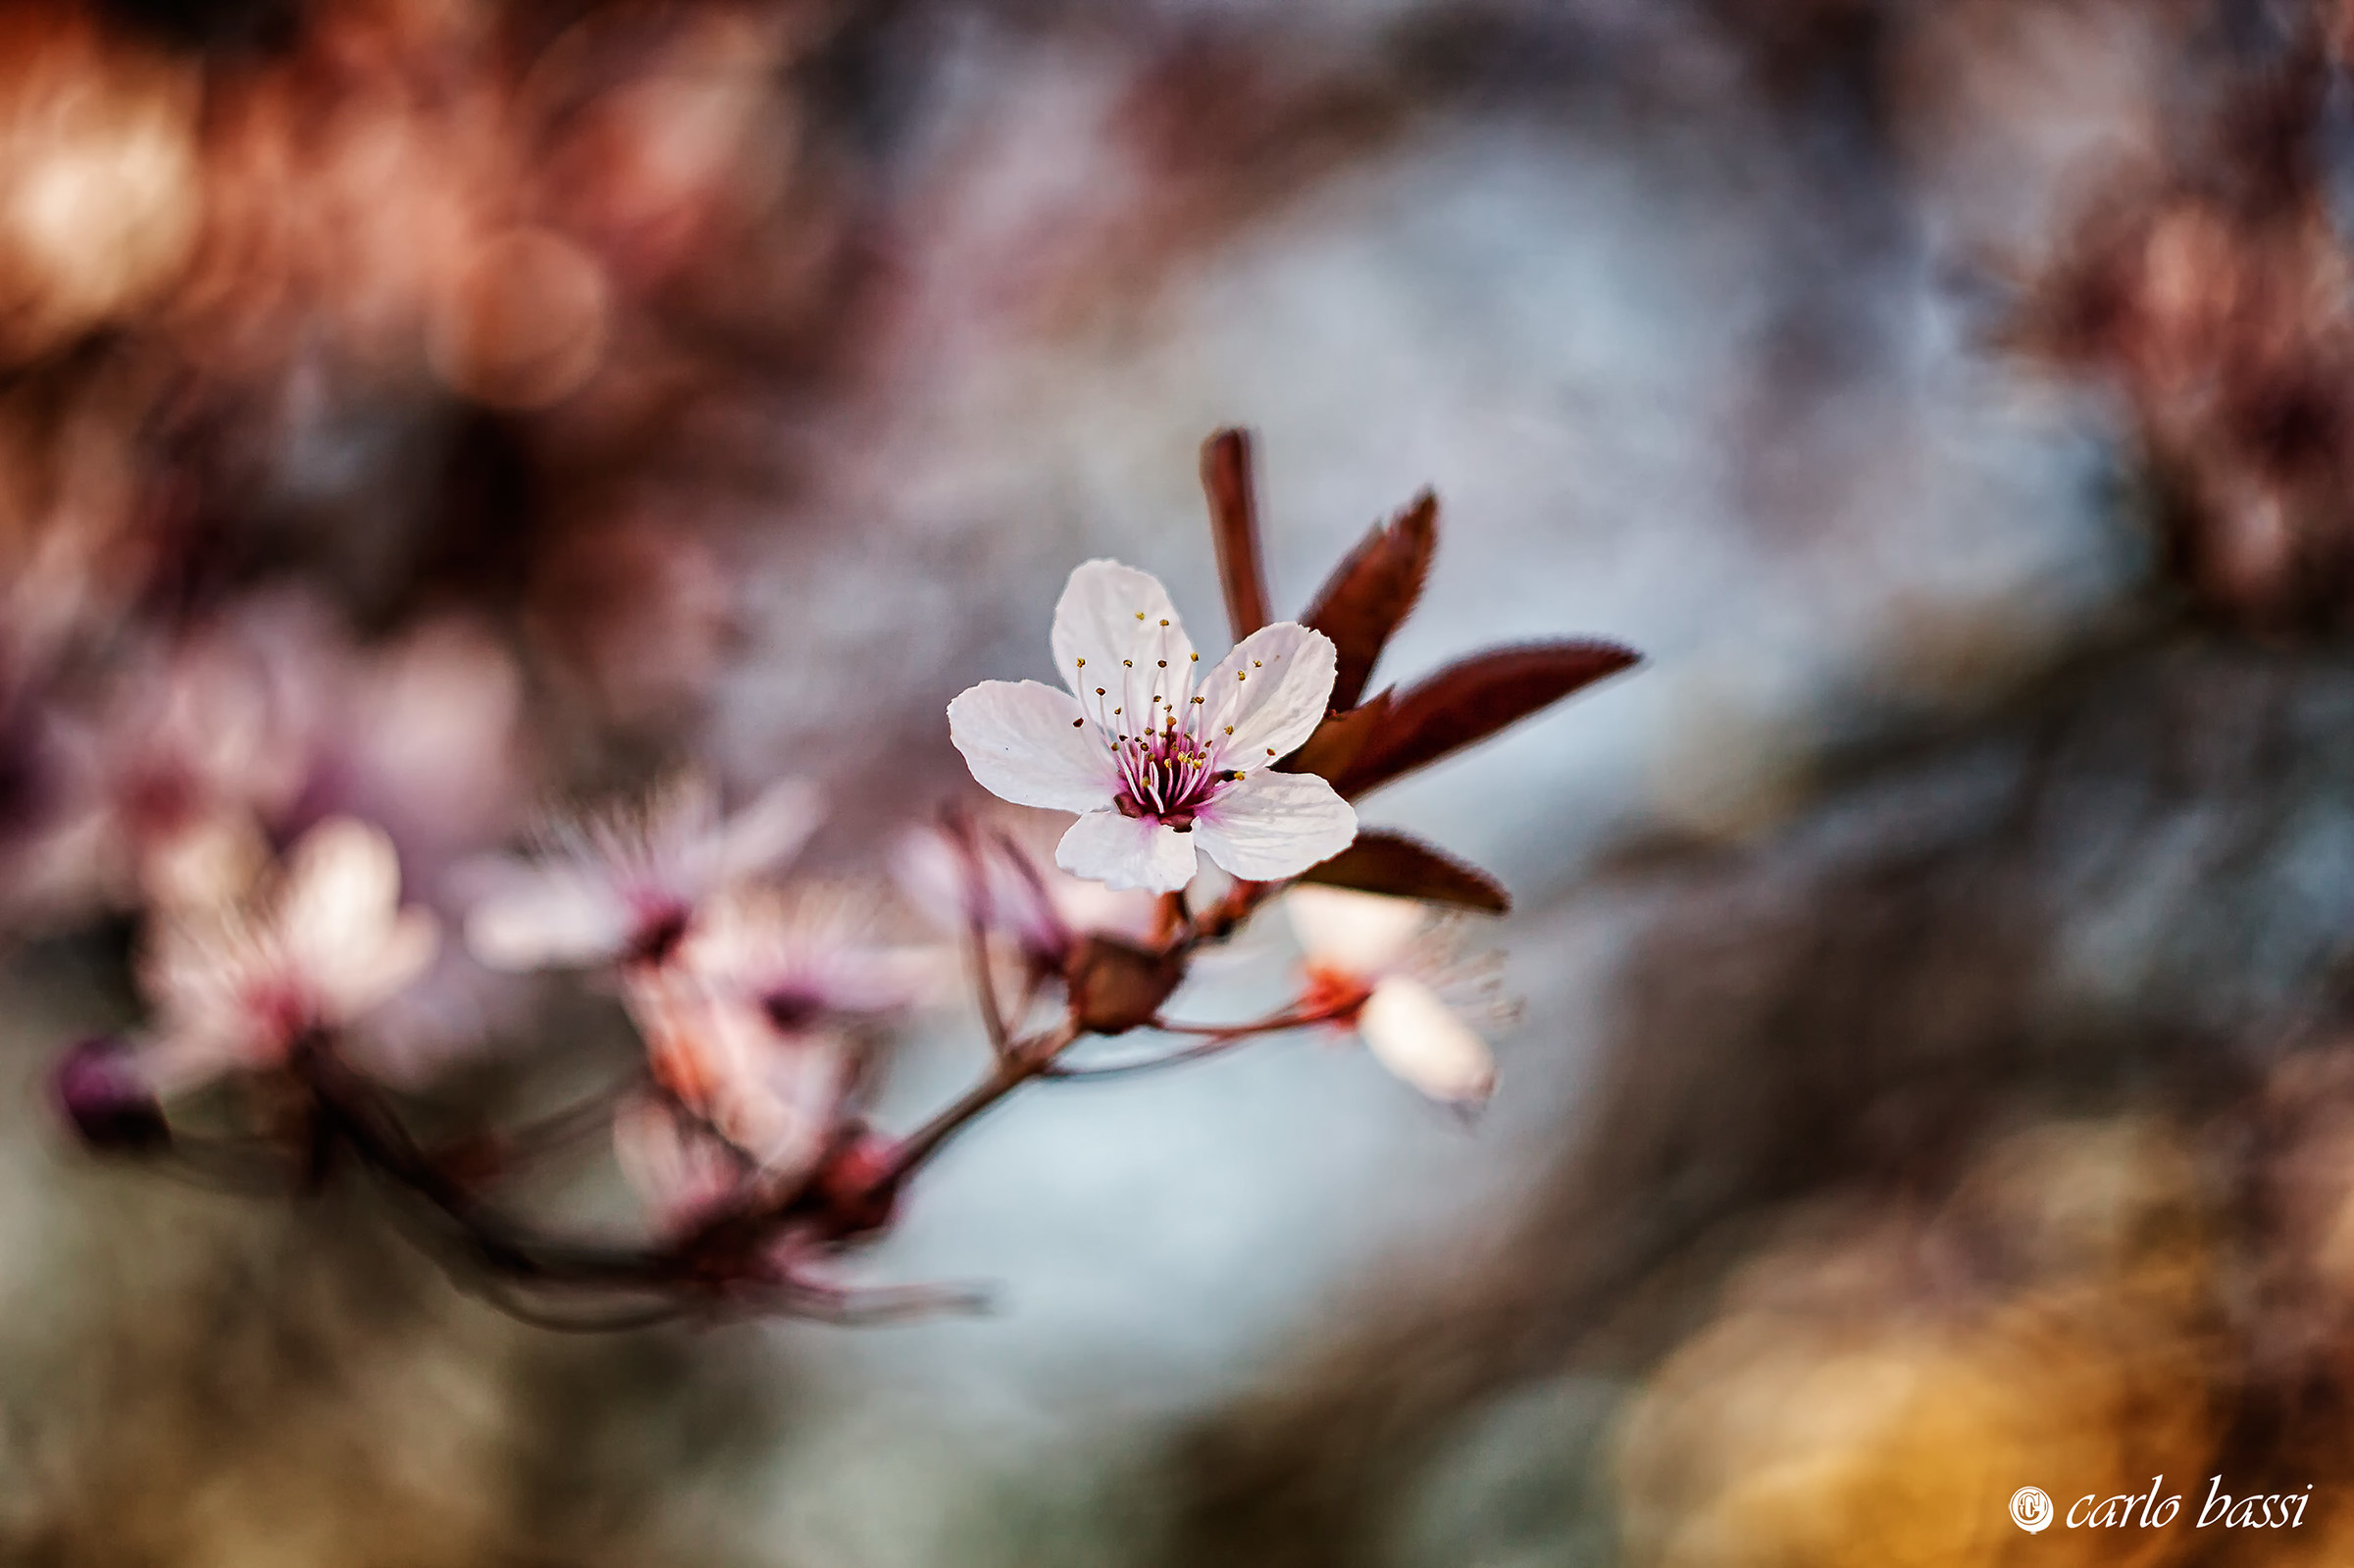 The plum blossom...